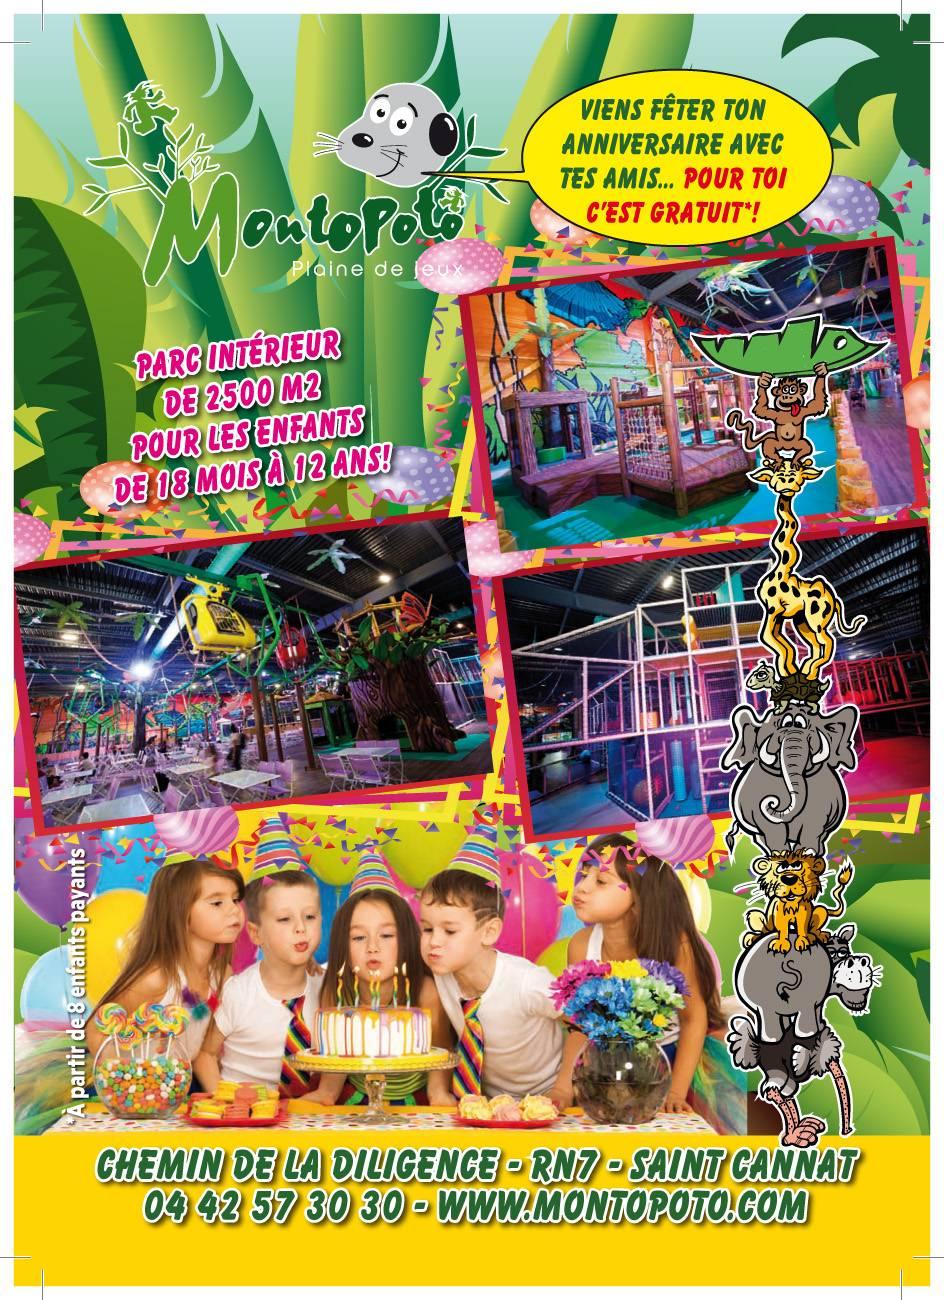 Parc D'attractions Pas Cher Pour Enfants À Marseille - Montopoto concernant Jeux En Ligne Enfant Gratuit